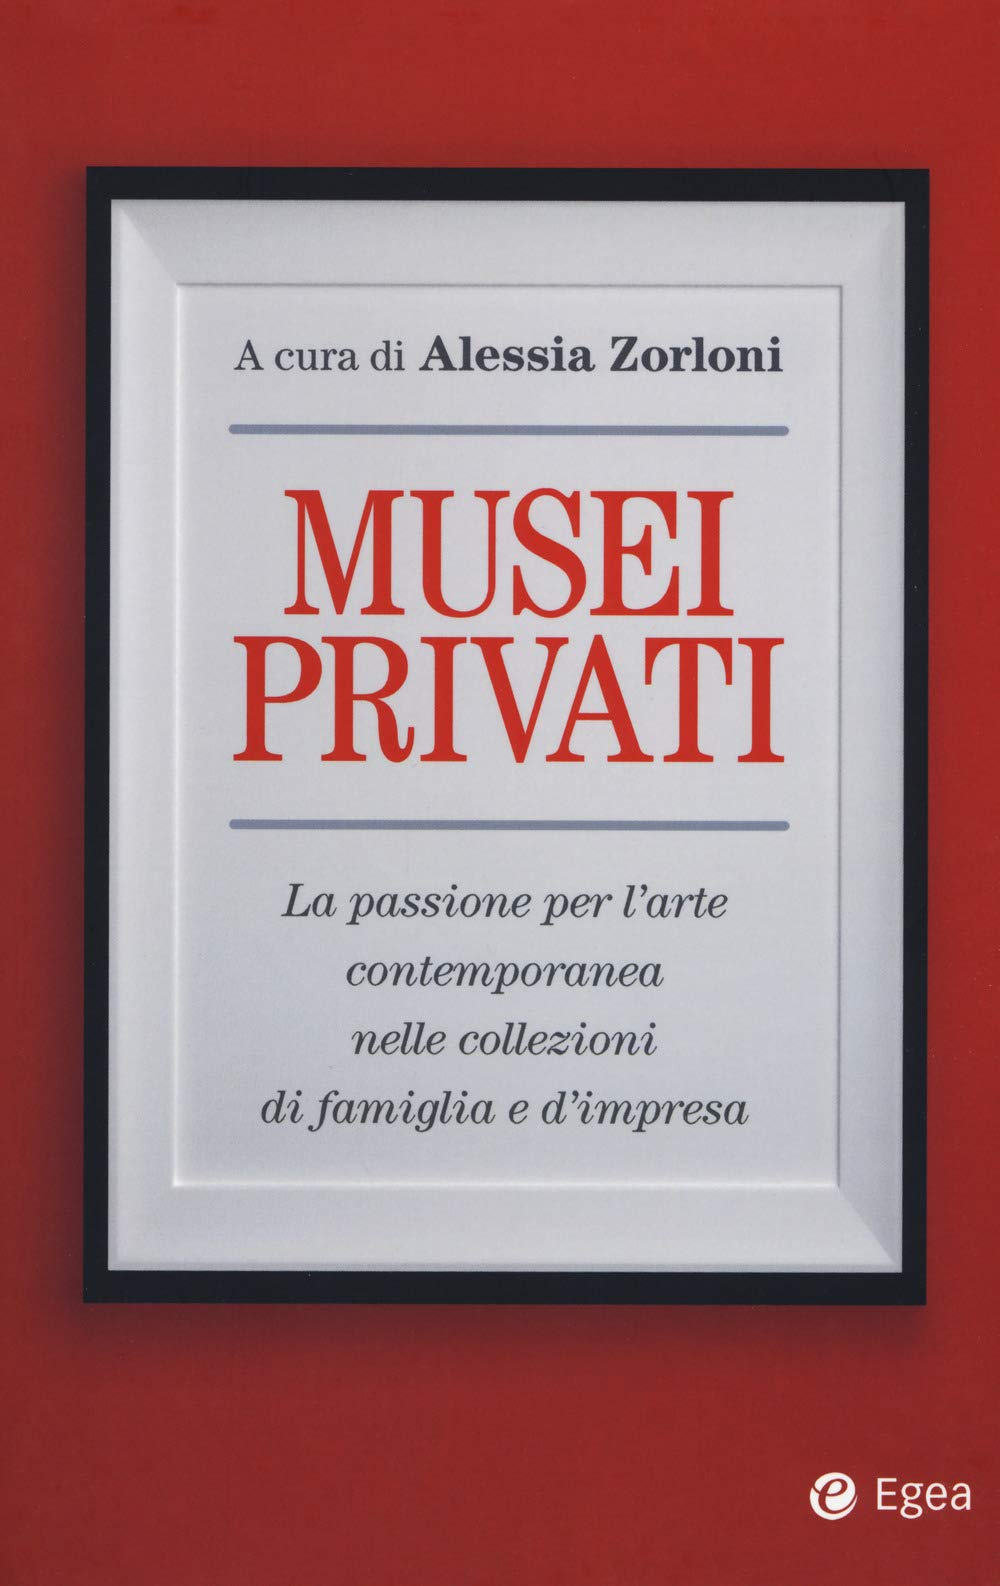 Musei privati